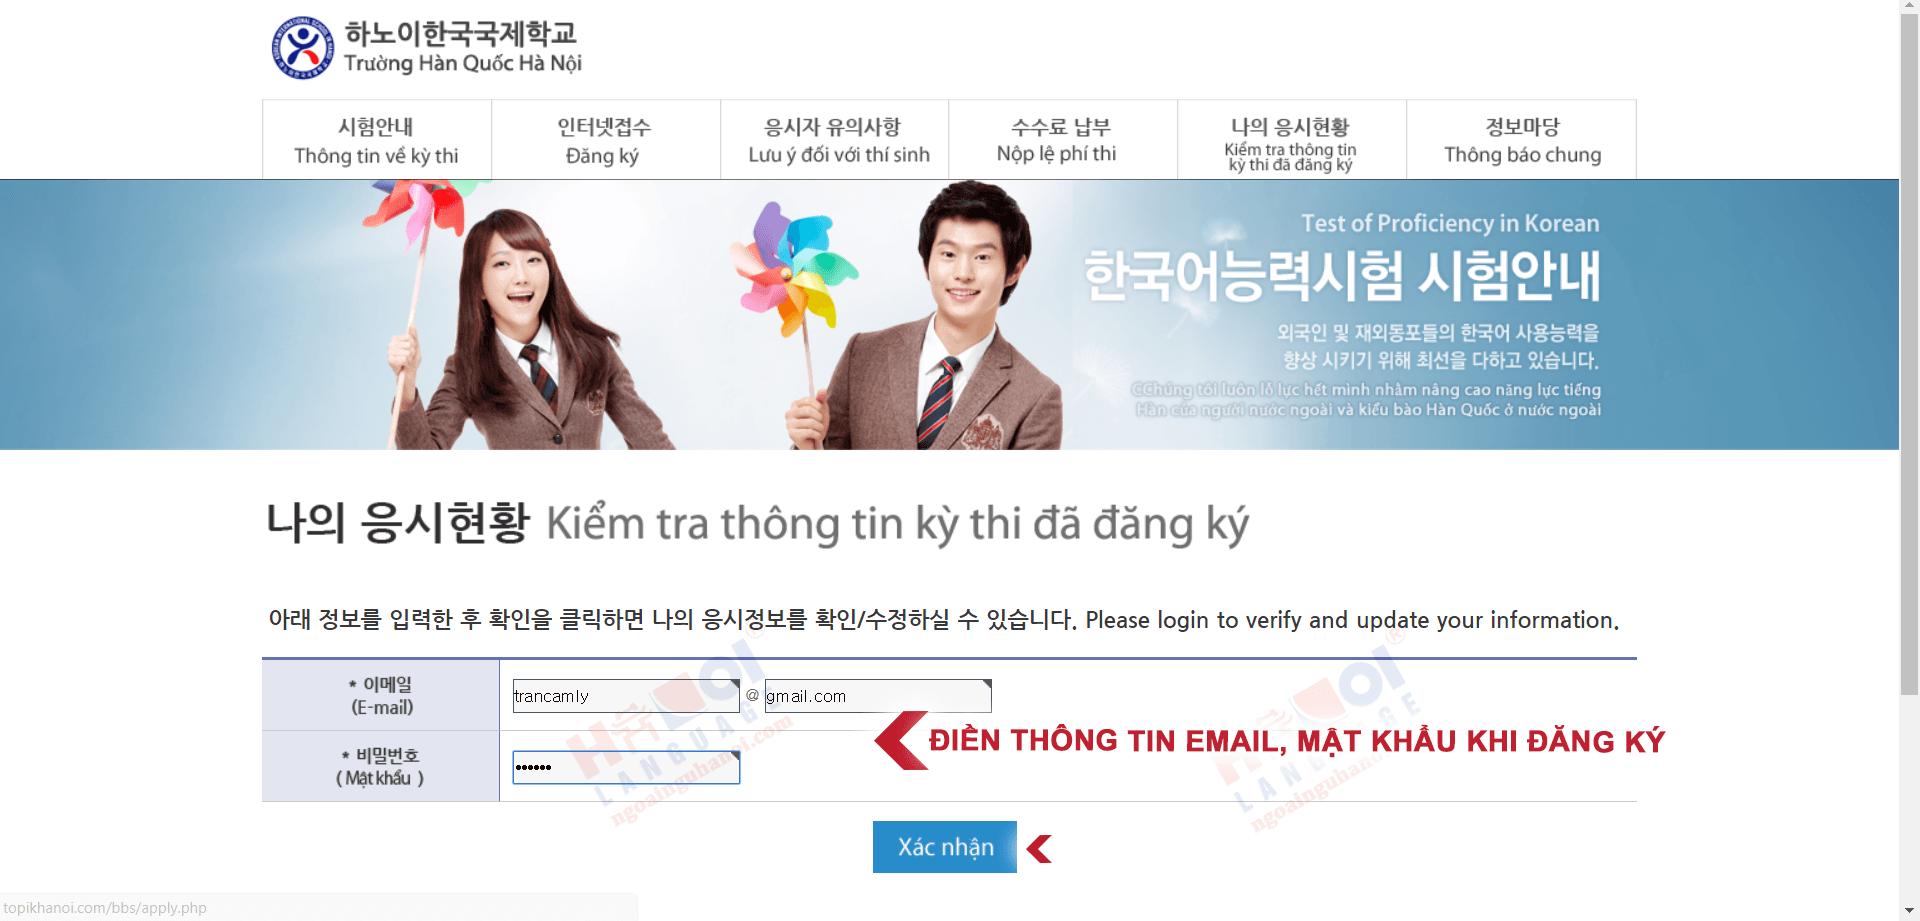 huong-dan-dang-ky-topik-online-1